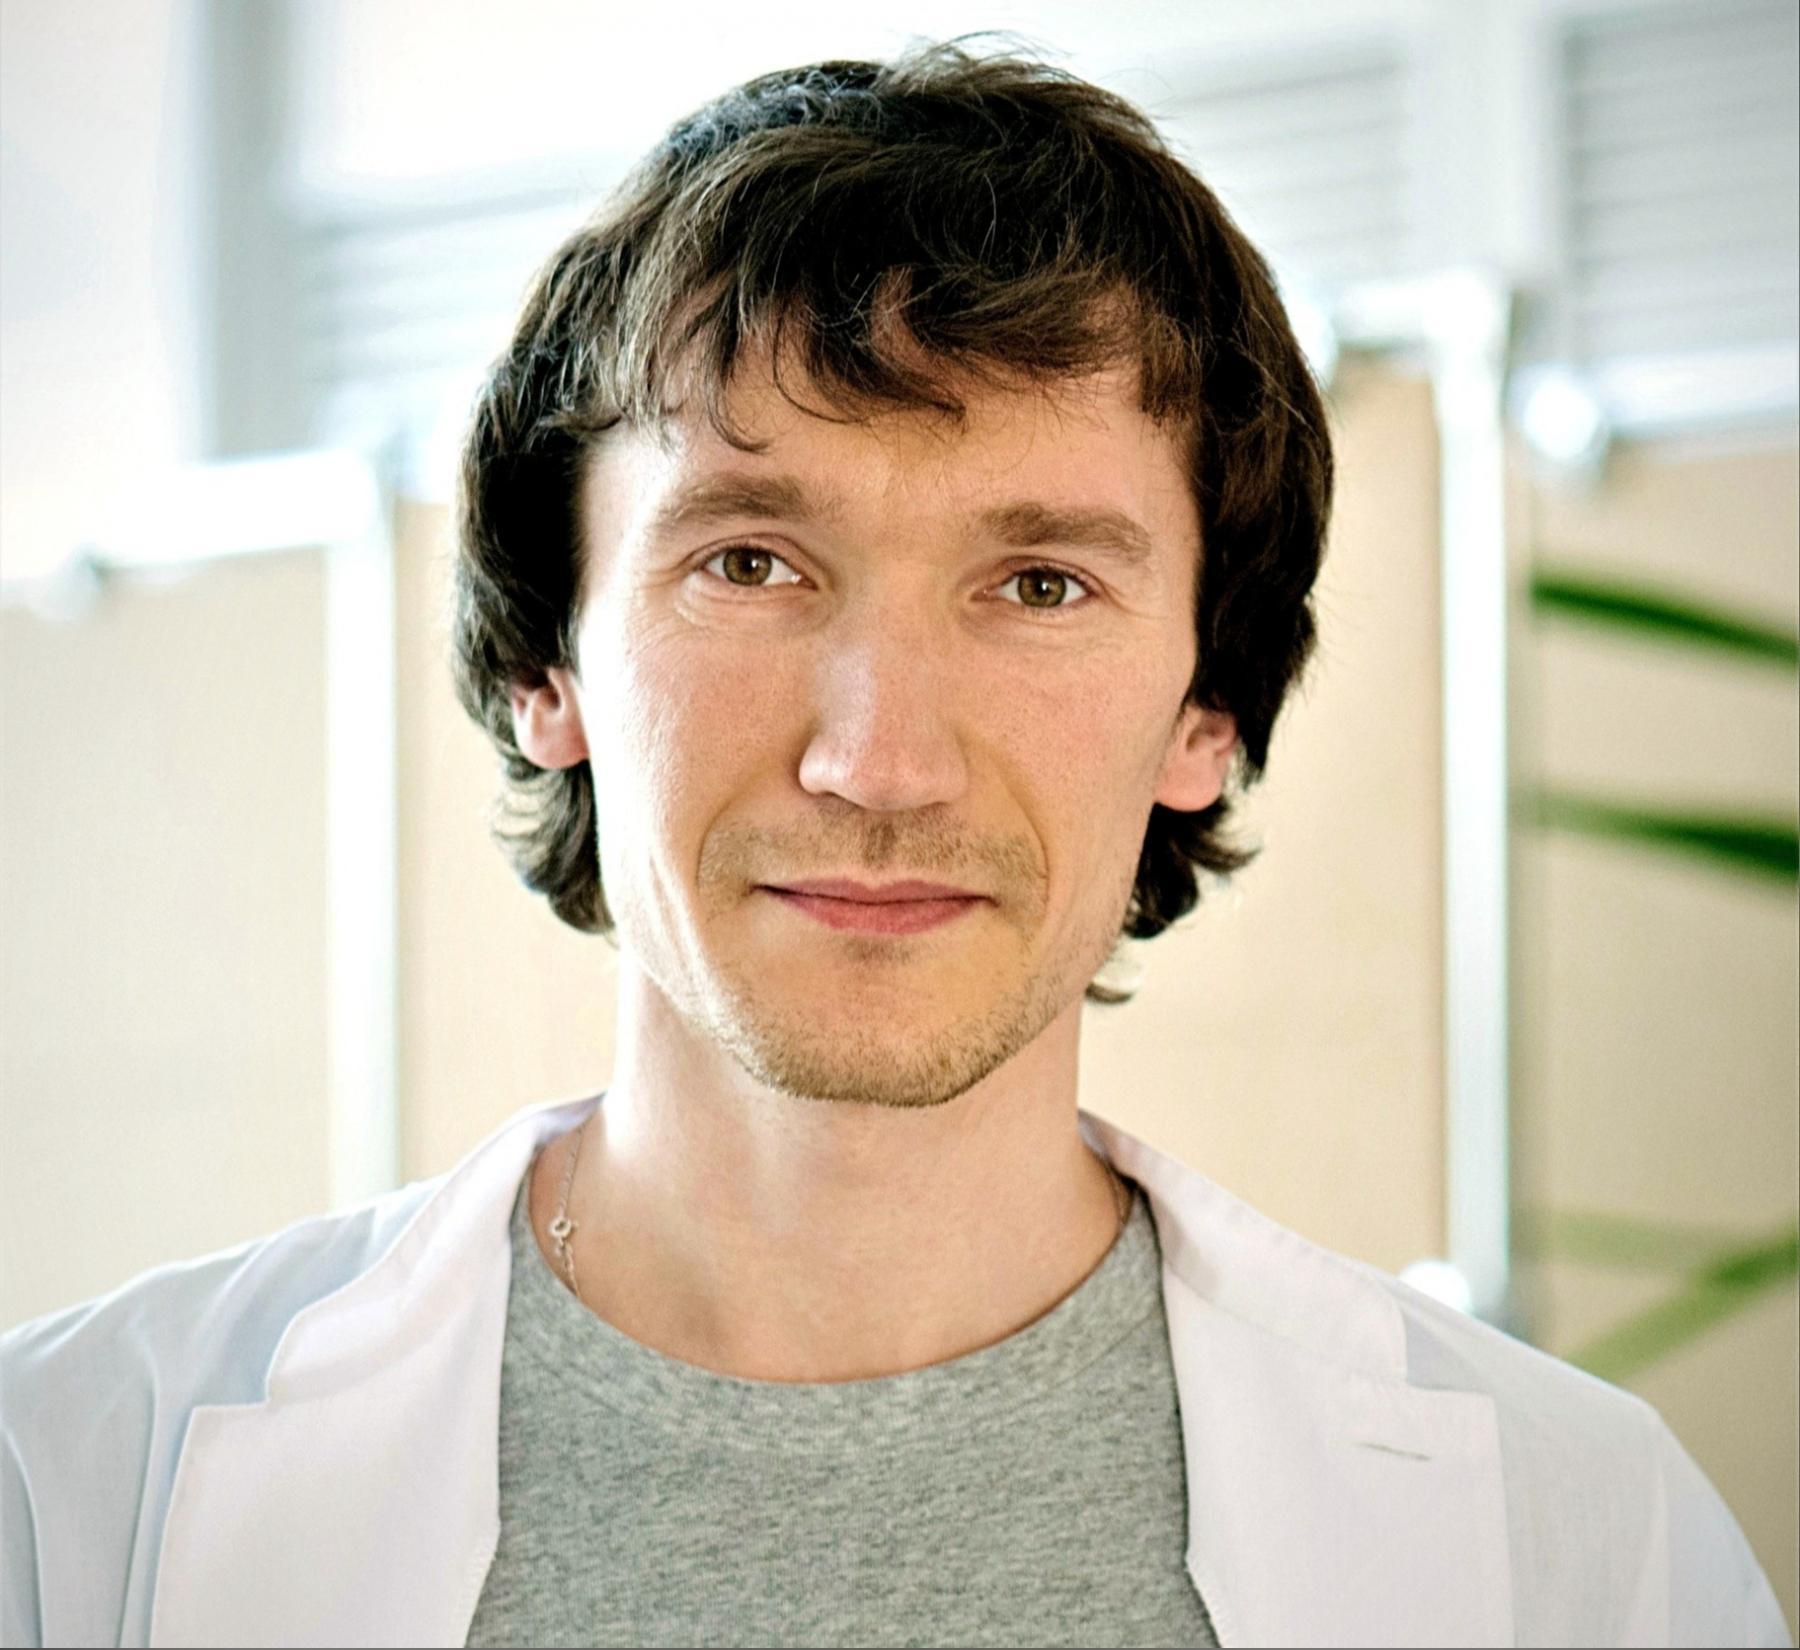 Фото «Выздоровел в 17:00 во вторник»: учёный из Новосибирска привился от коронавируса и засёк, сколько длилась побочка 3